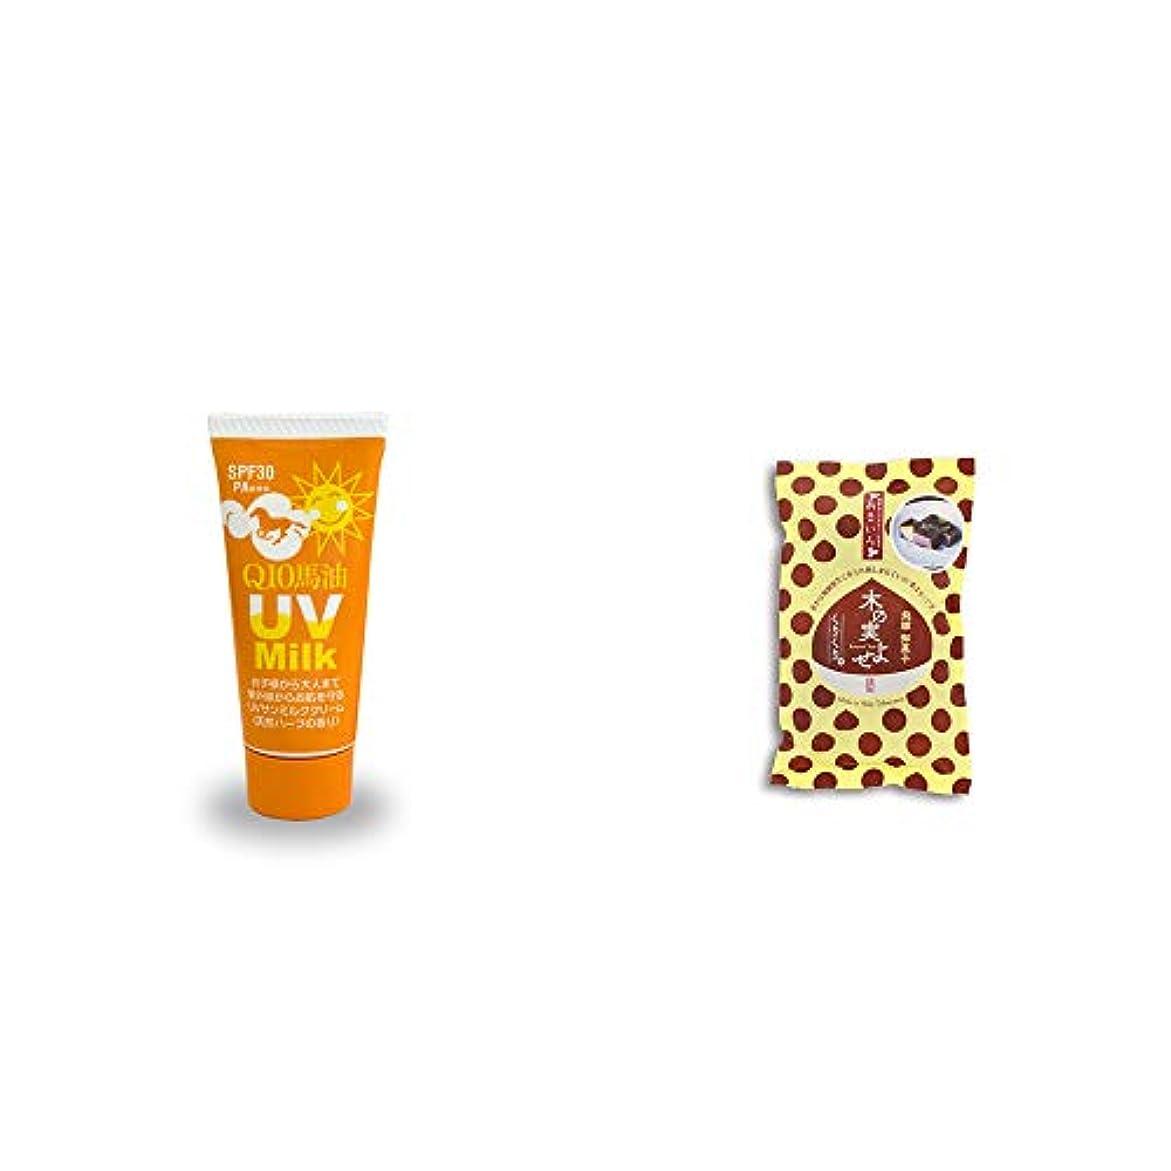 愛デッドロックドーム[2点セット] 炭黒泉 Q10馬油 UVサンミルク[天然ハーブ](40g)?木の実よせ くりくり味(5個入)